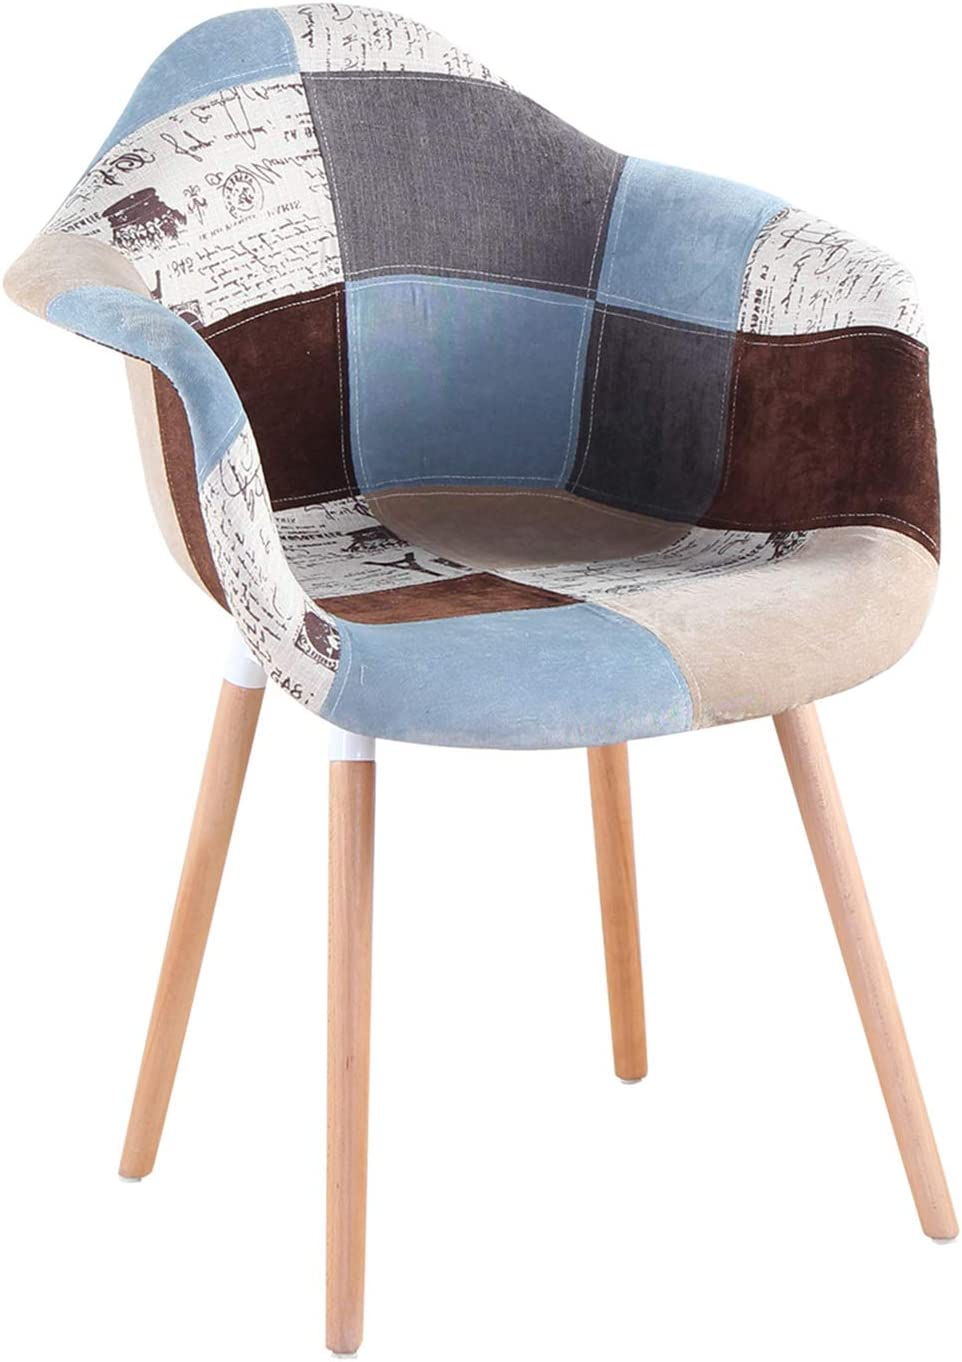 ArtDesign FR Set di 2 Poltrone Patchwork Multicolore Tessuto in Lino Tempo Libero Sedie ad Angolo Sedie per Reception con Schienale Cuscino Morbido Grigio